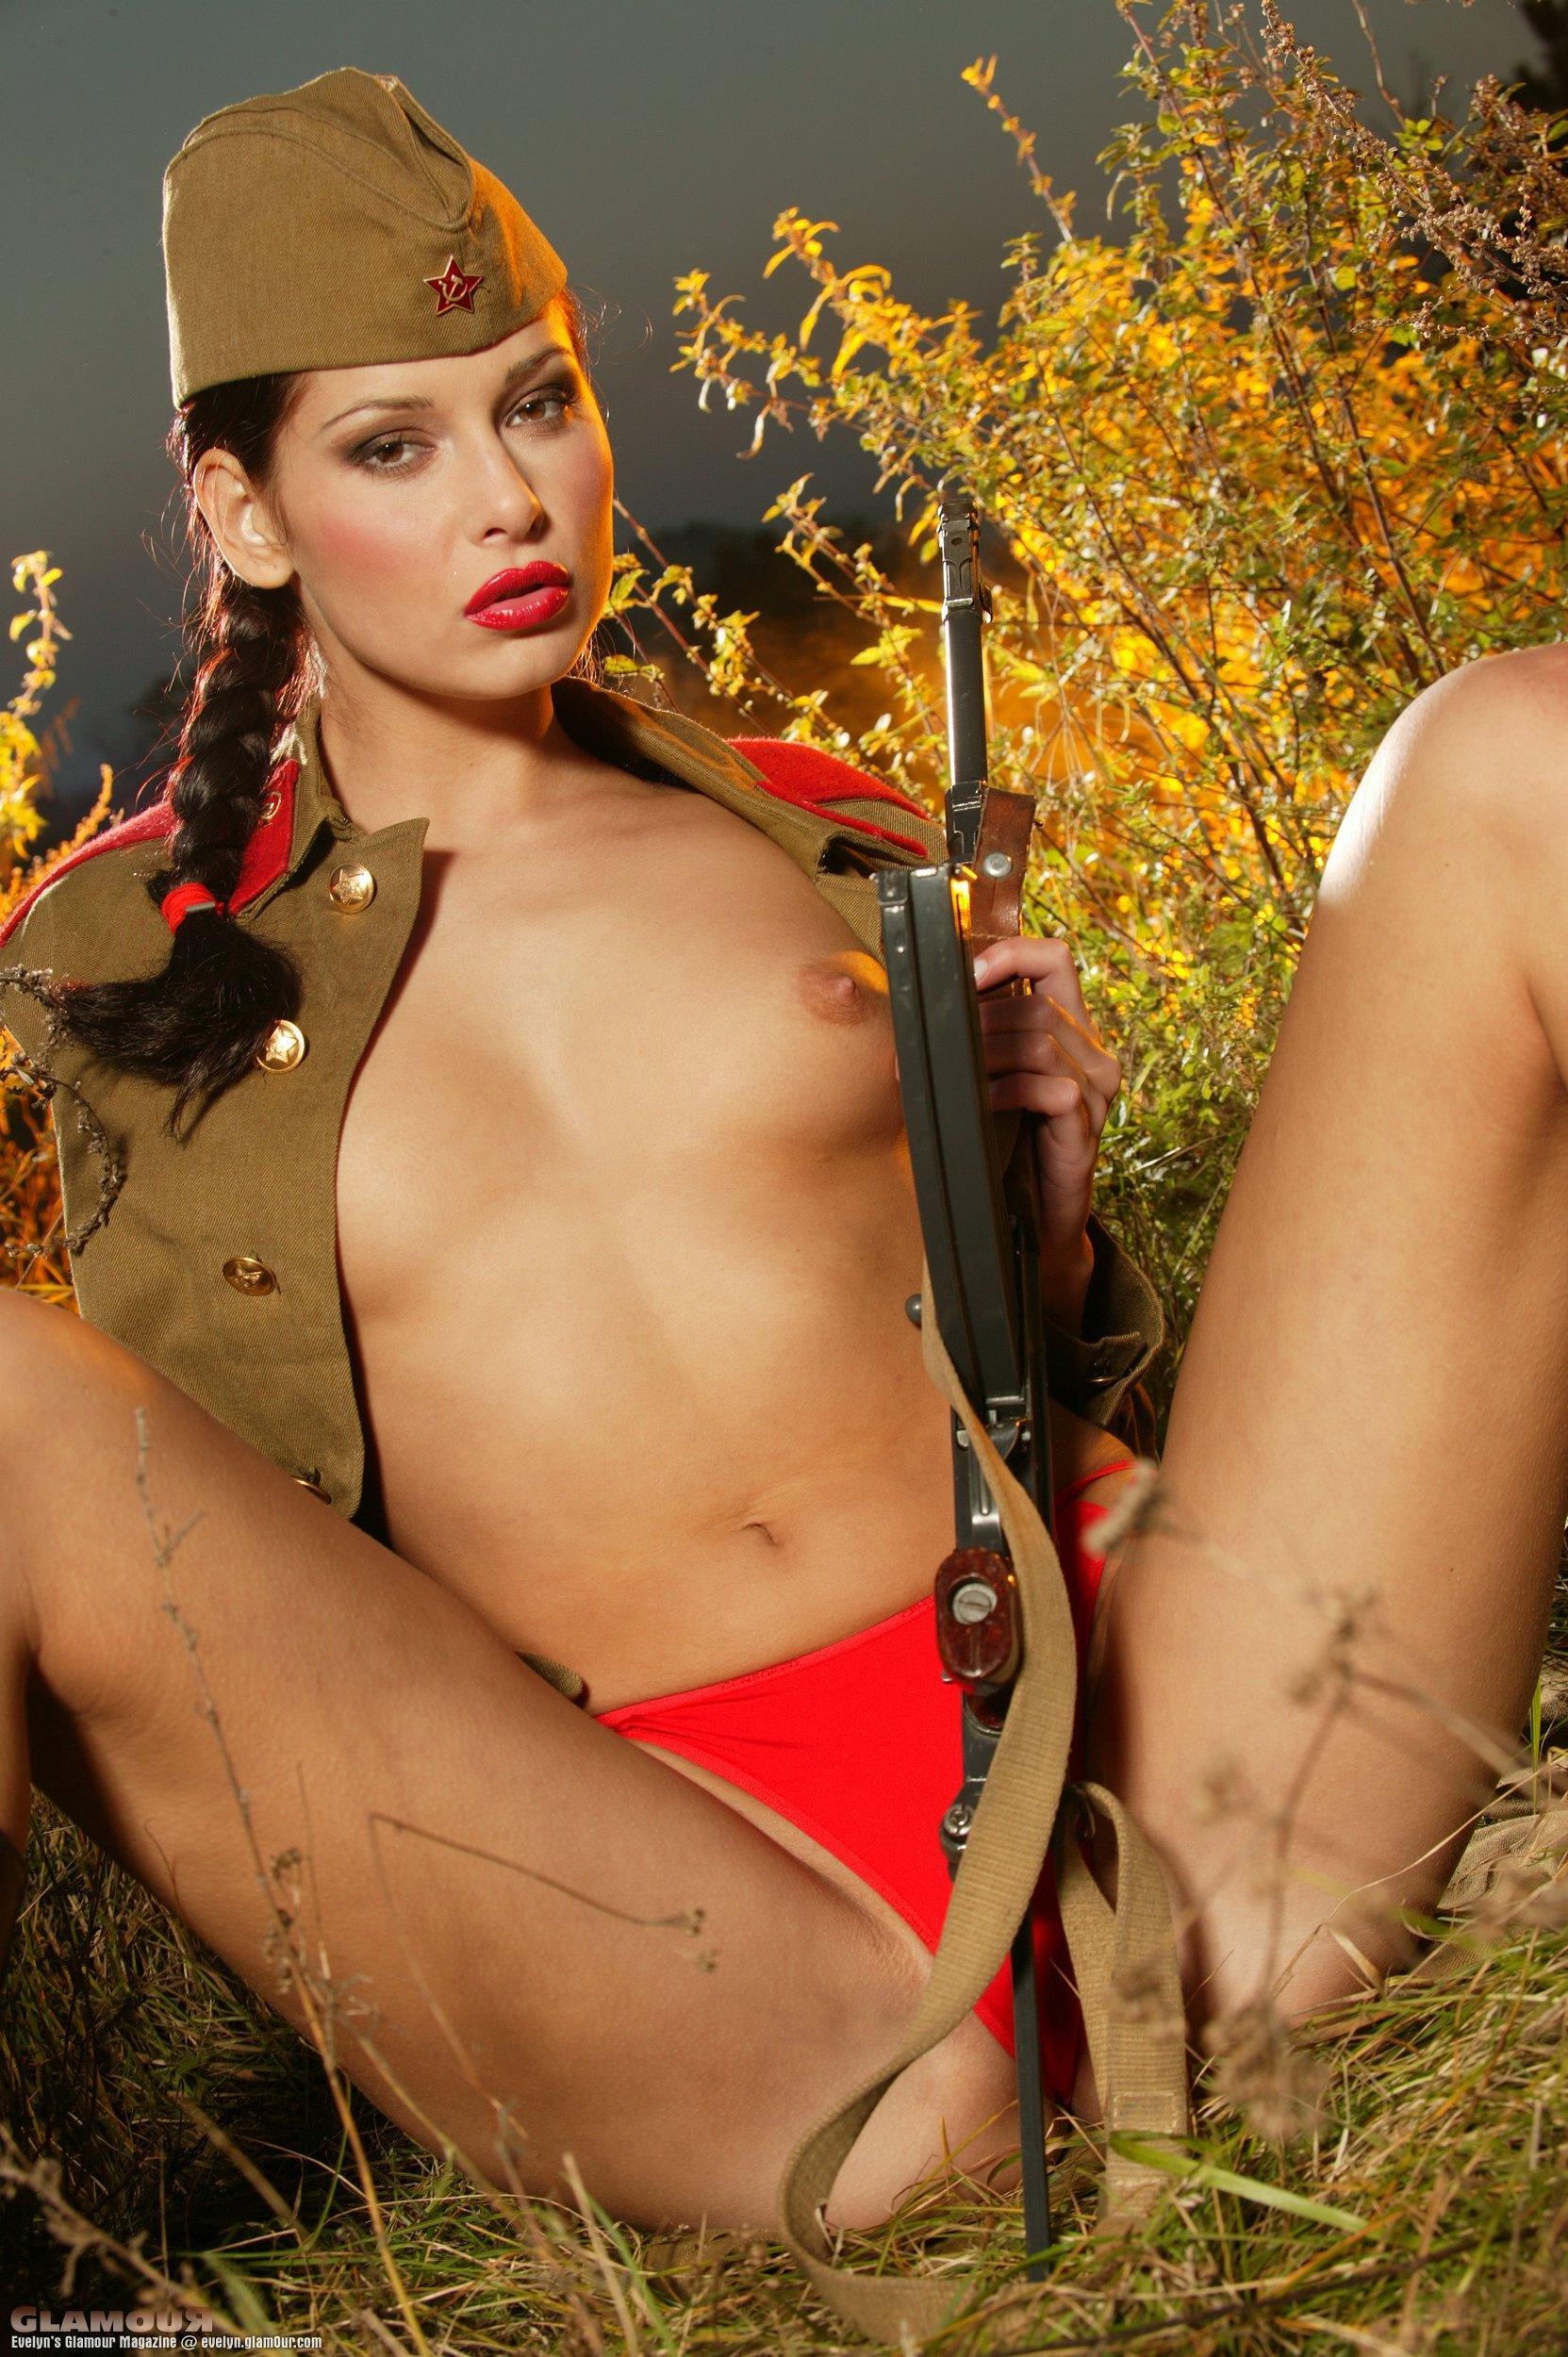 русские в униформе эротика фото использовании материалов